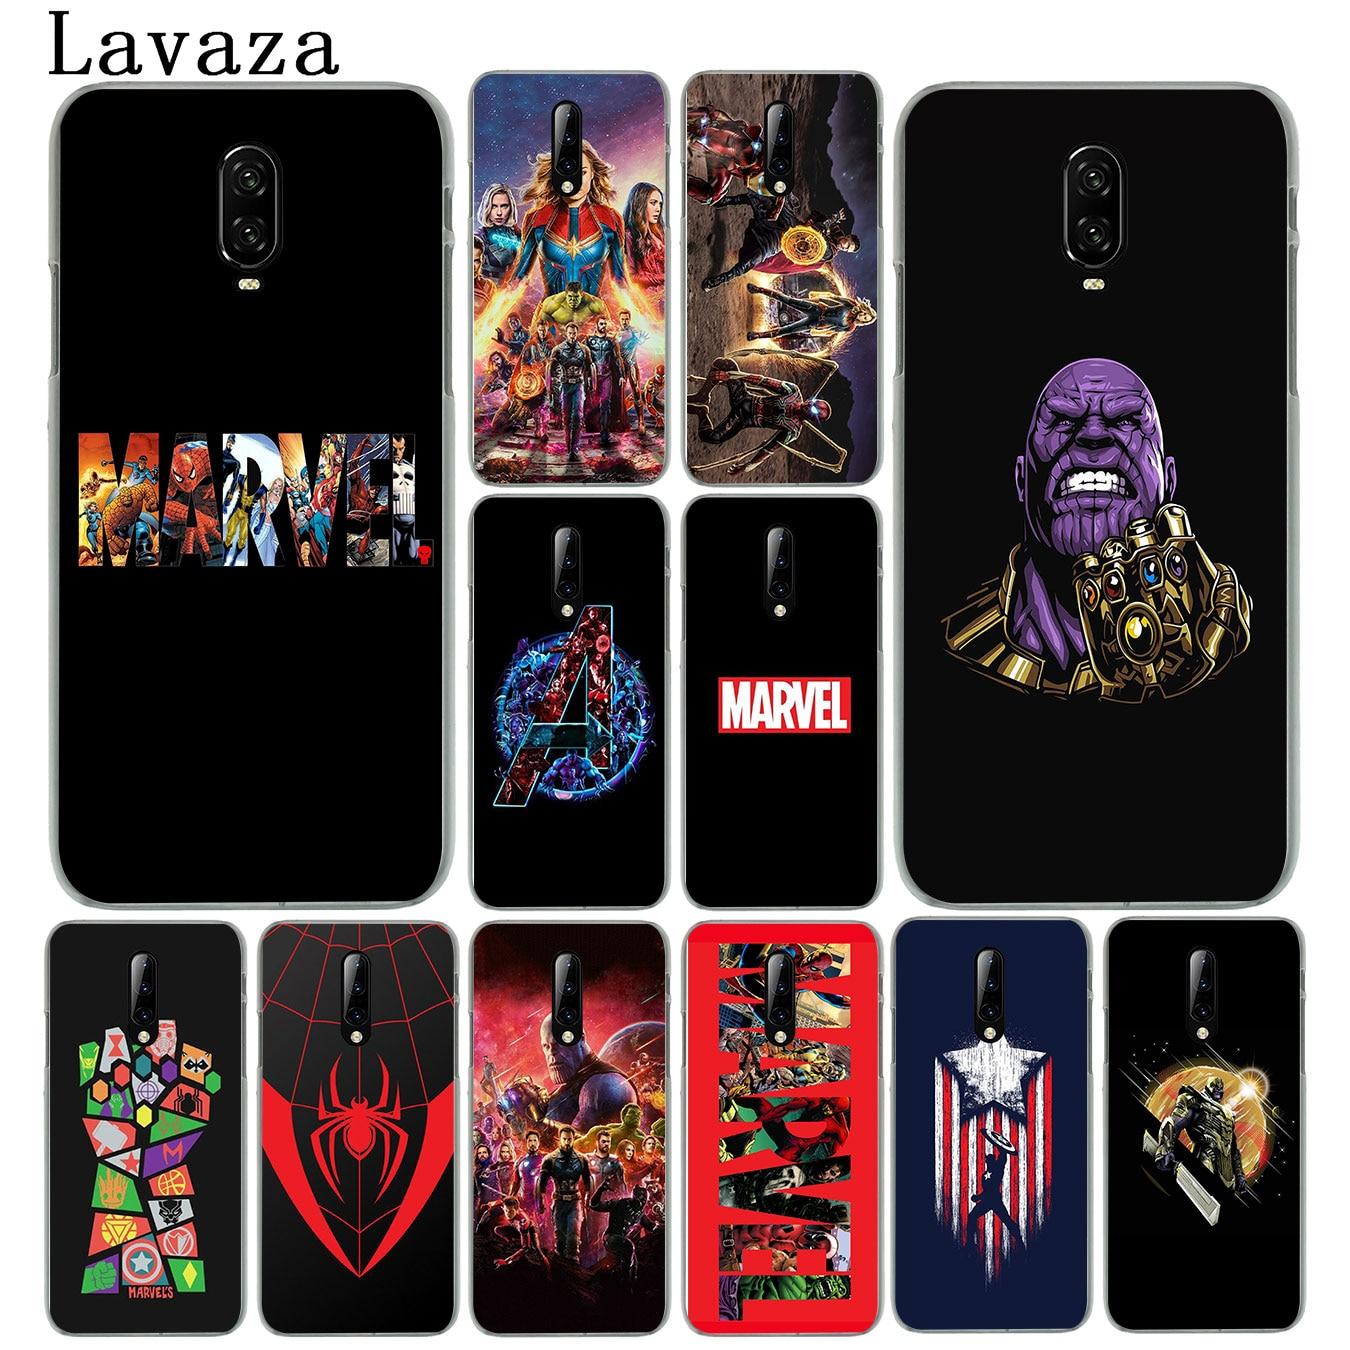 Hombre Araña Marvel vengadores de plástico duro caso de la cubierta del teléfono celular para Oneplus 7T Pro 6T 5T 5 7Pro uno más